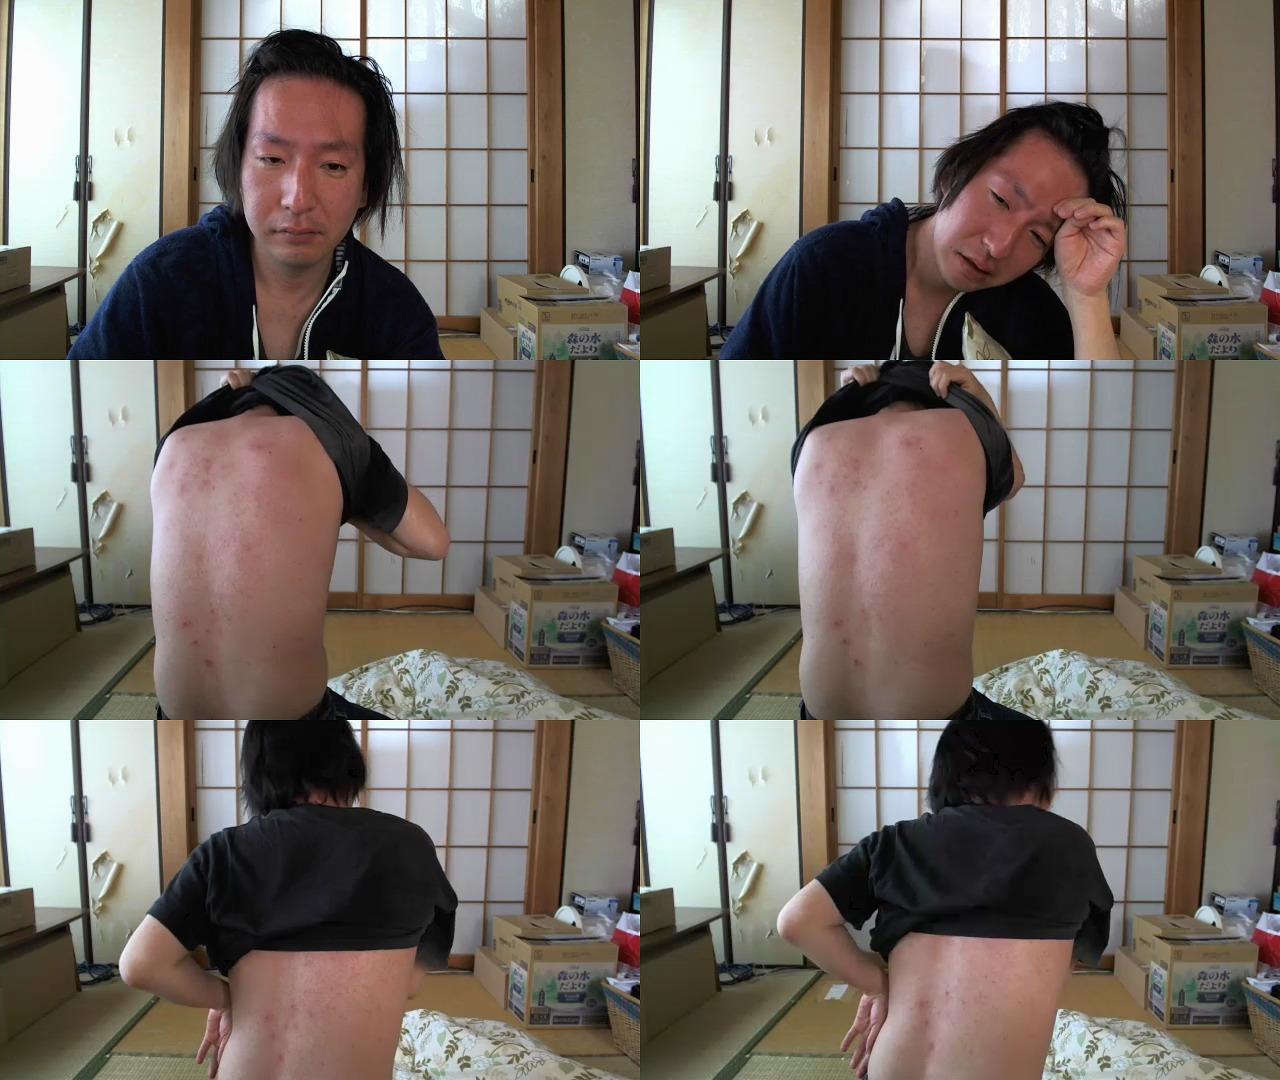 【画像】有名ニコ生主、梅毒に感染してしまうwwwwwwwwのサムネイル画像